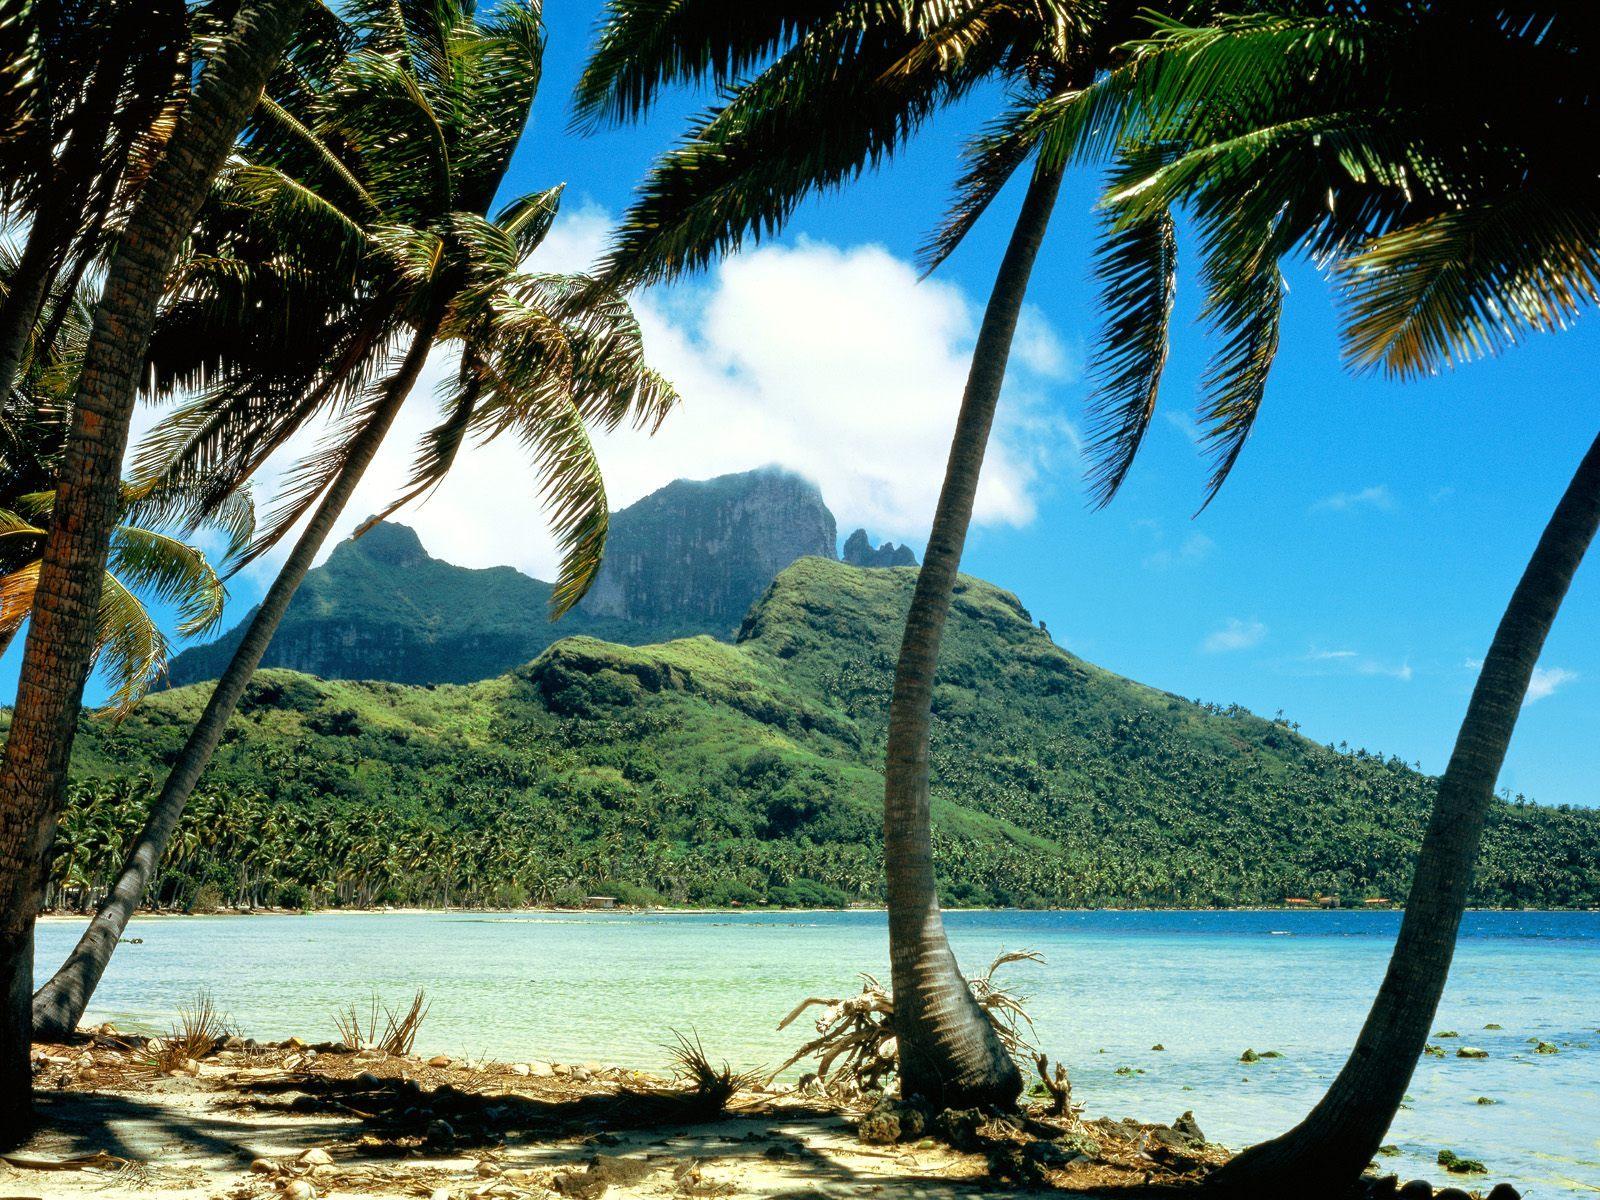 9617 скачать обои Пейзаж, Деревья, Пальмы - заставки и картинки бесплатно